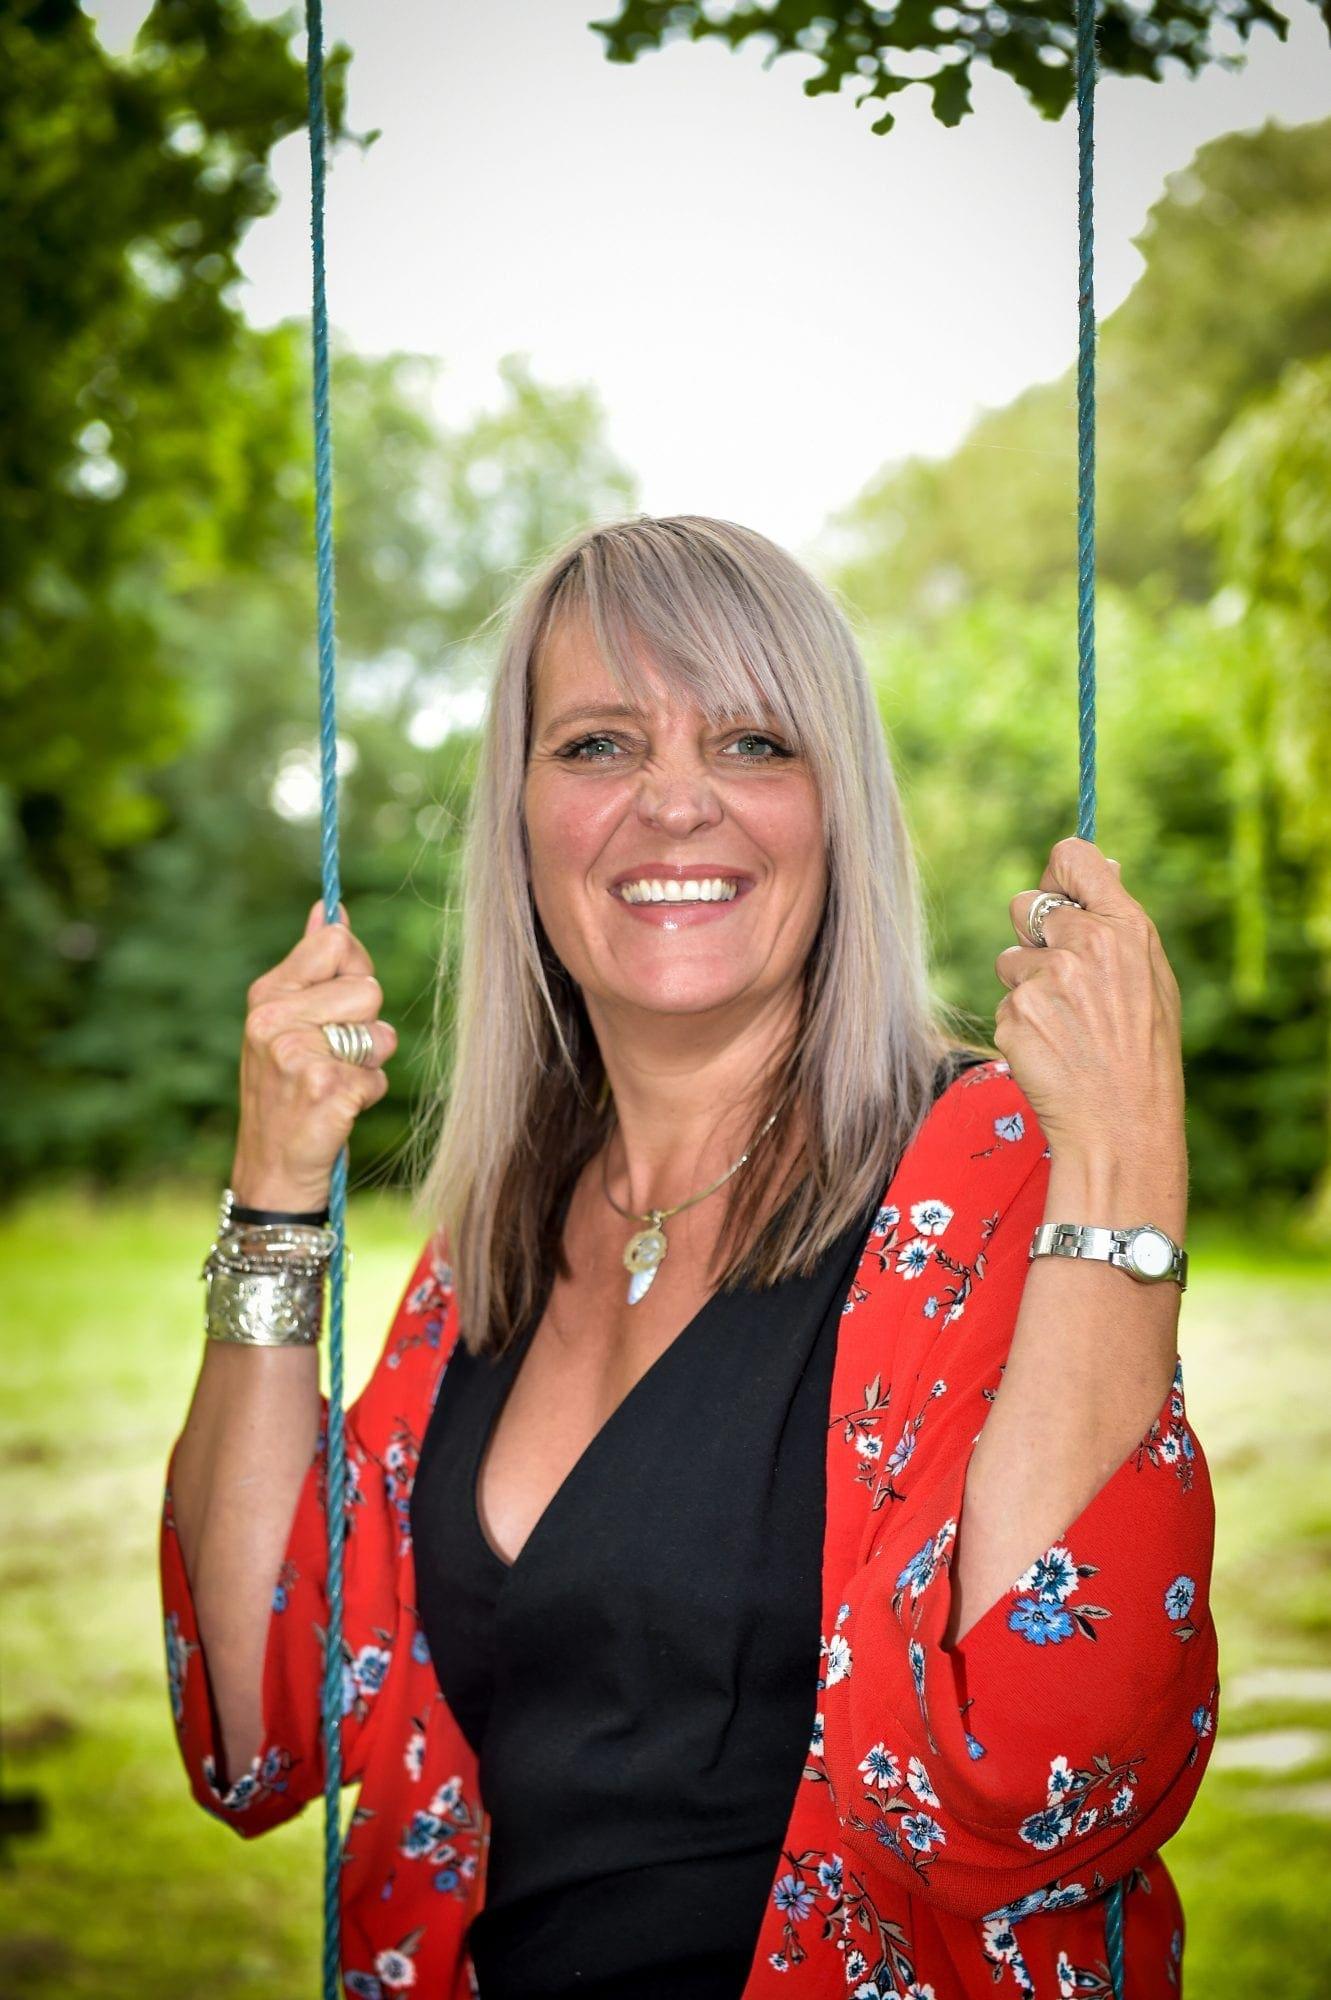 yoga teacher on swing in garden